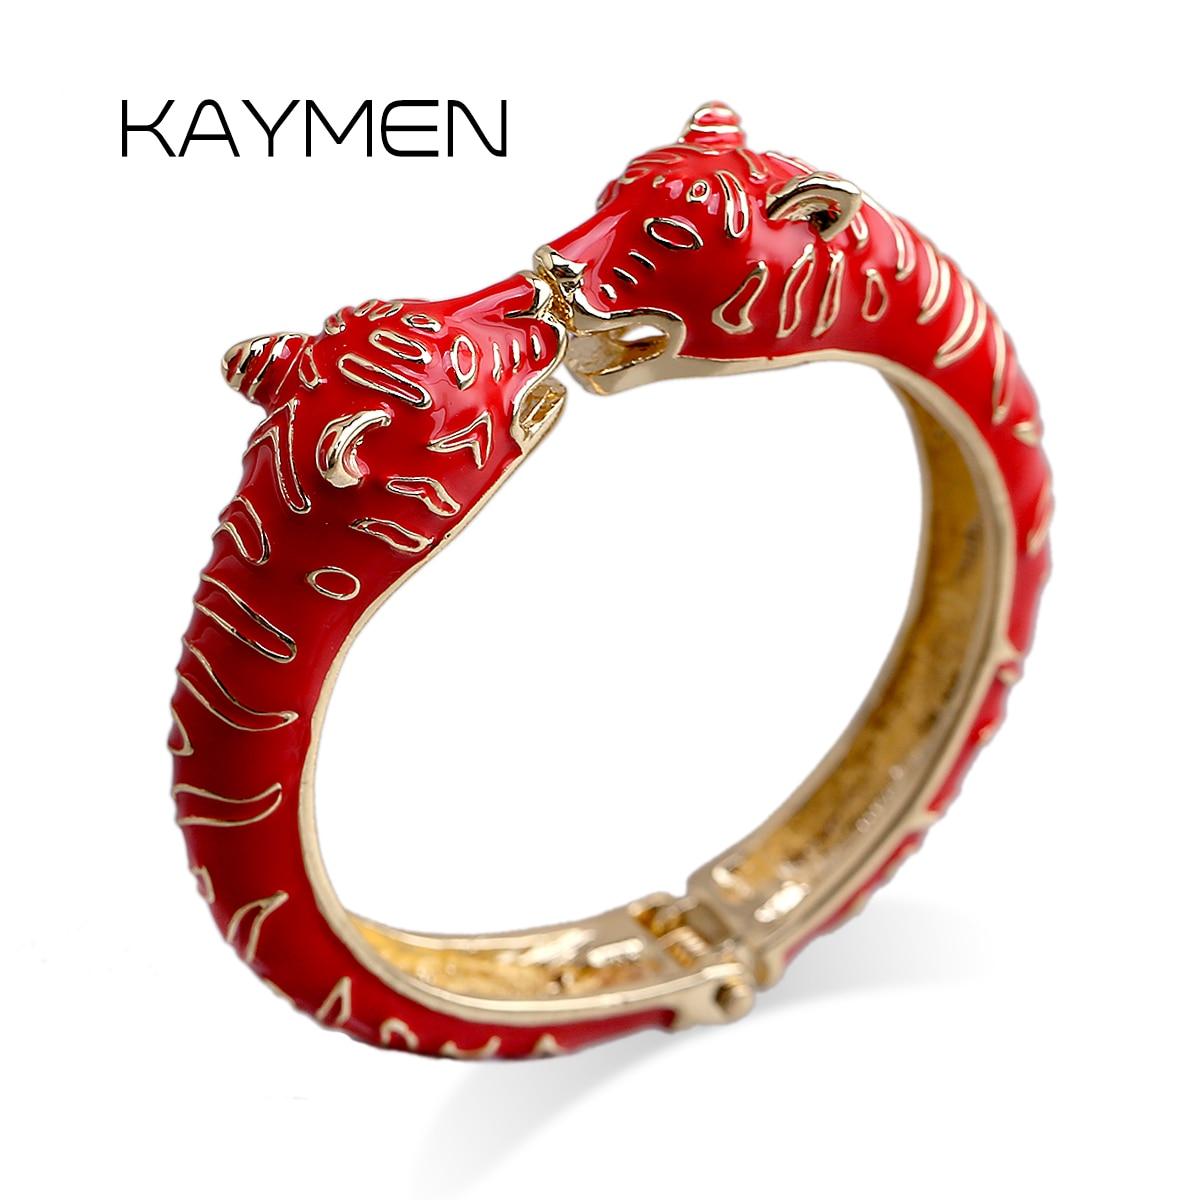 KAYMEN Новый Браслет-манжета с головой леопарда животного для девушек женщин позолоченный именной браслет модный браслет 4 цвета 3316